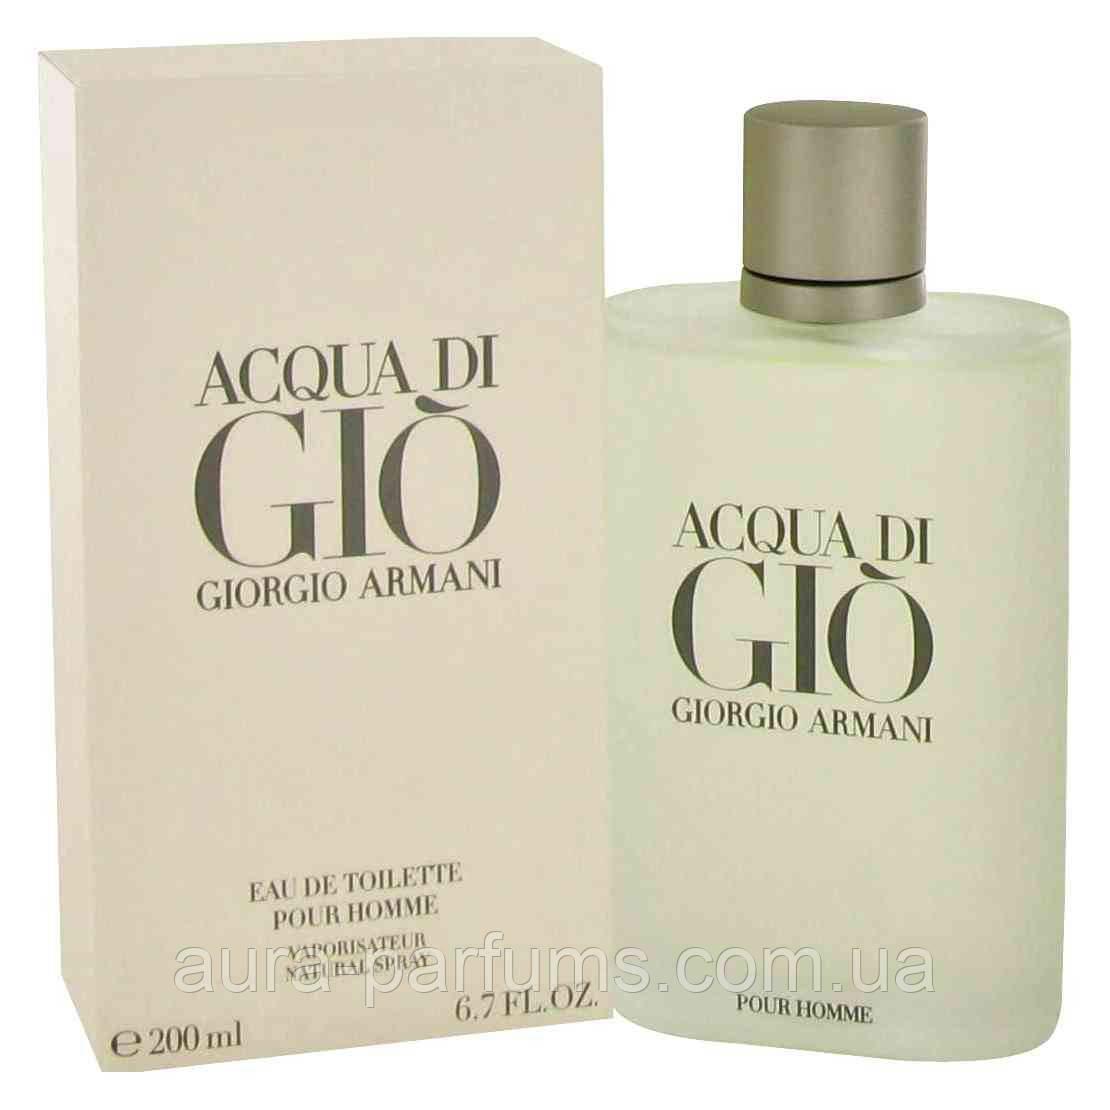 Giorgio Armani Acqua Di Gio Pour Homme Edt 200 Ml M оригинал Biglua